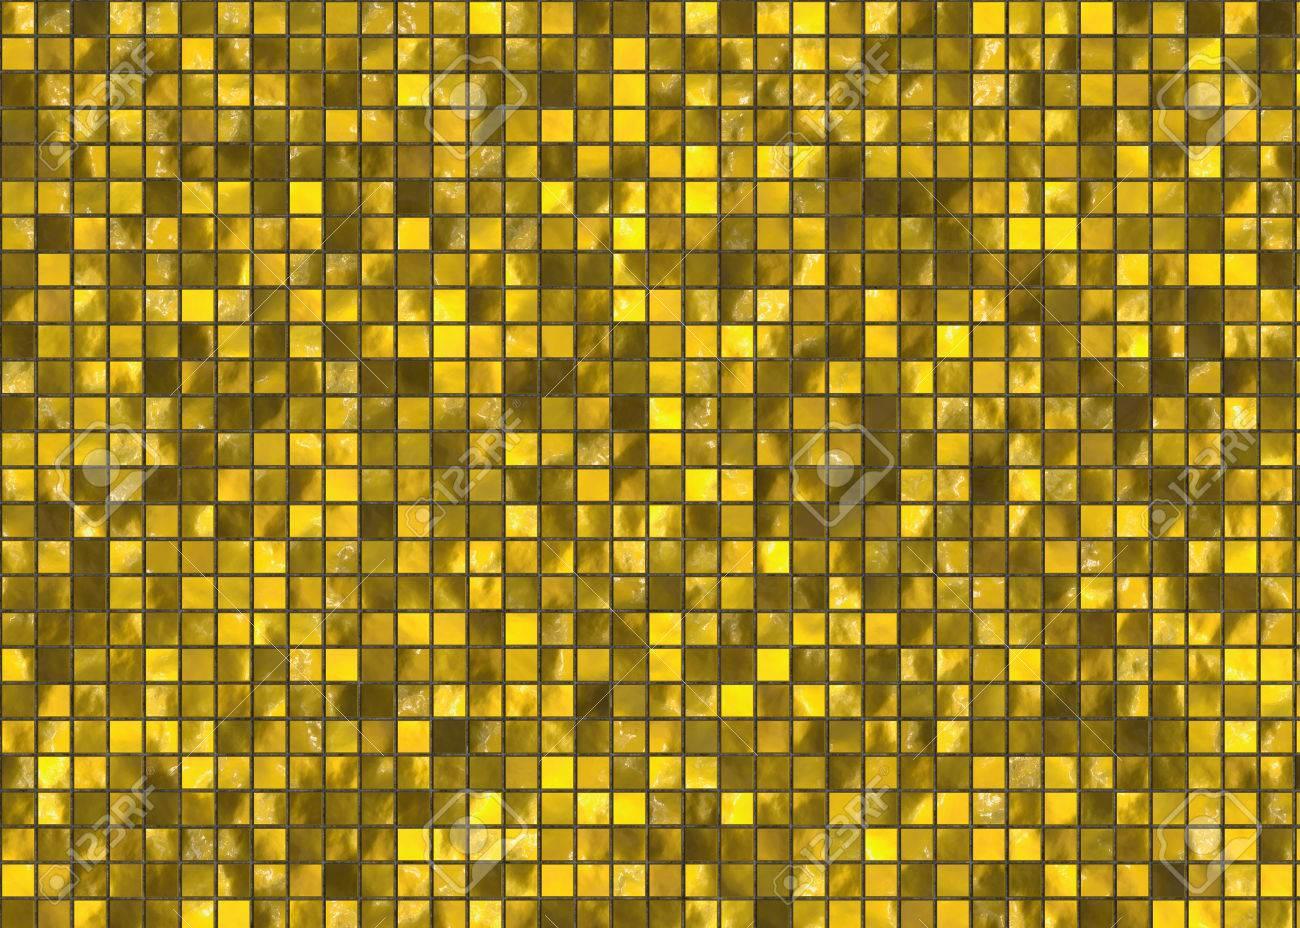 Gouden Mozaiek Tegels : Vele kleine gouden vierkante tegel mozaïek patroon textuur